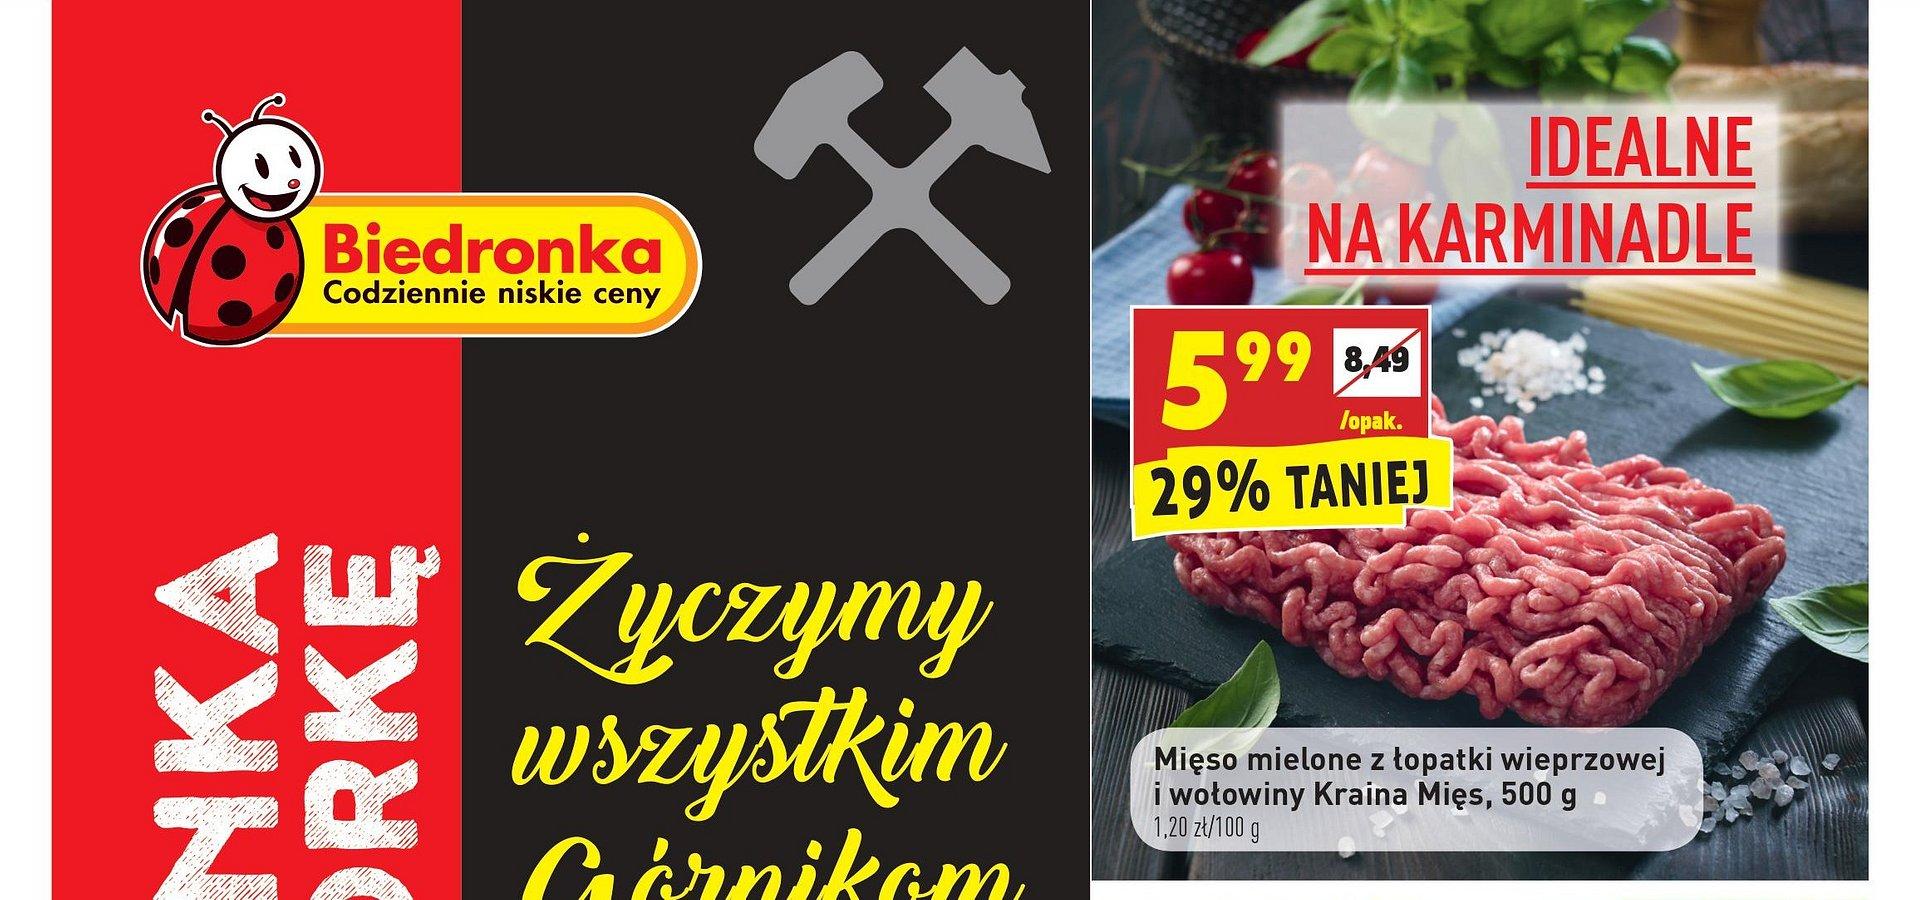 Biedronka na Barbórkę – fest fajna oferta dla Górnego Śląska